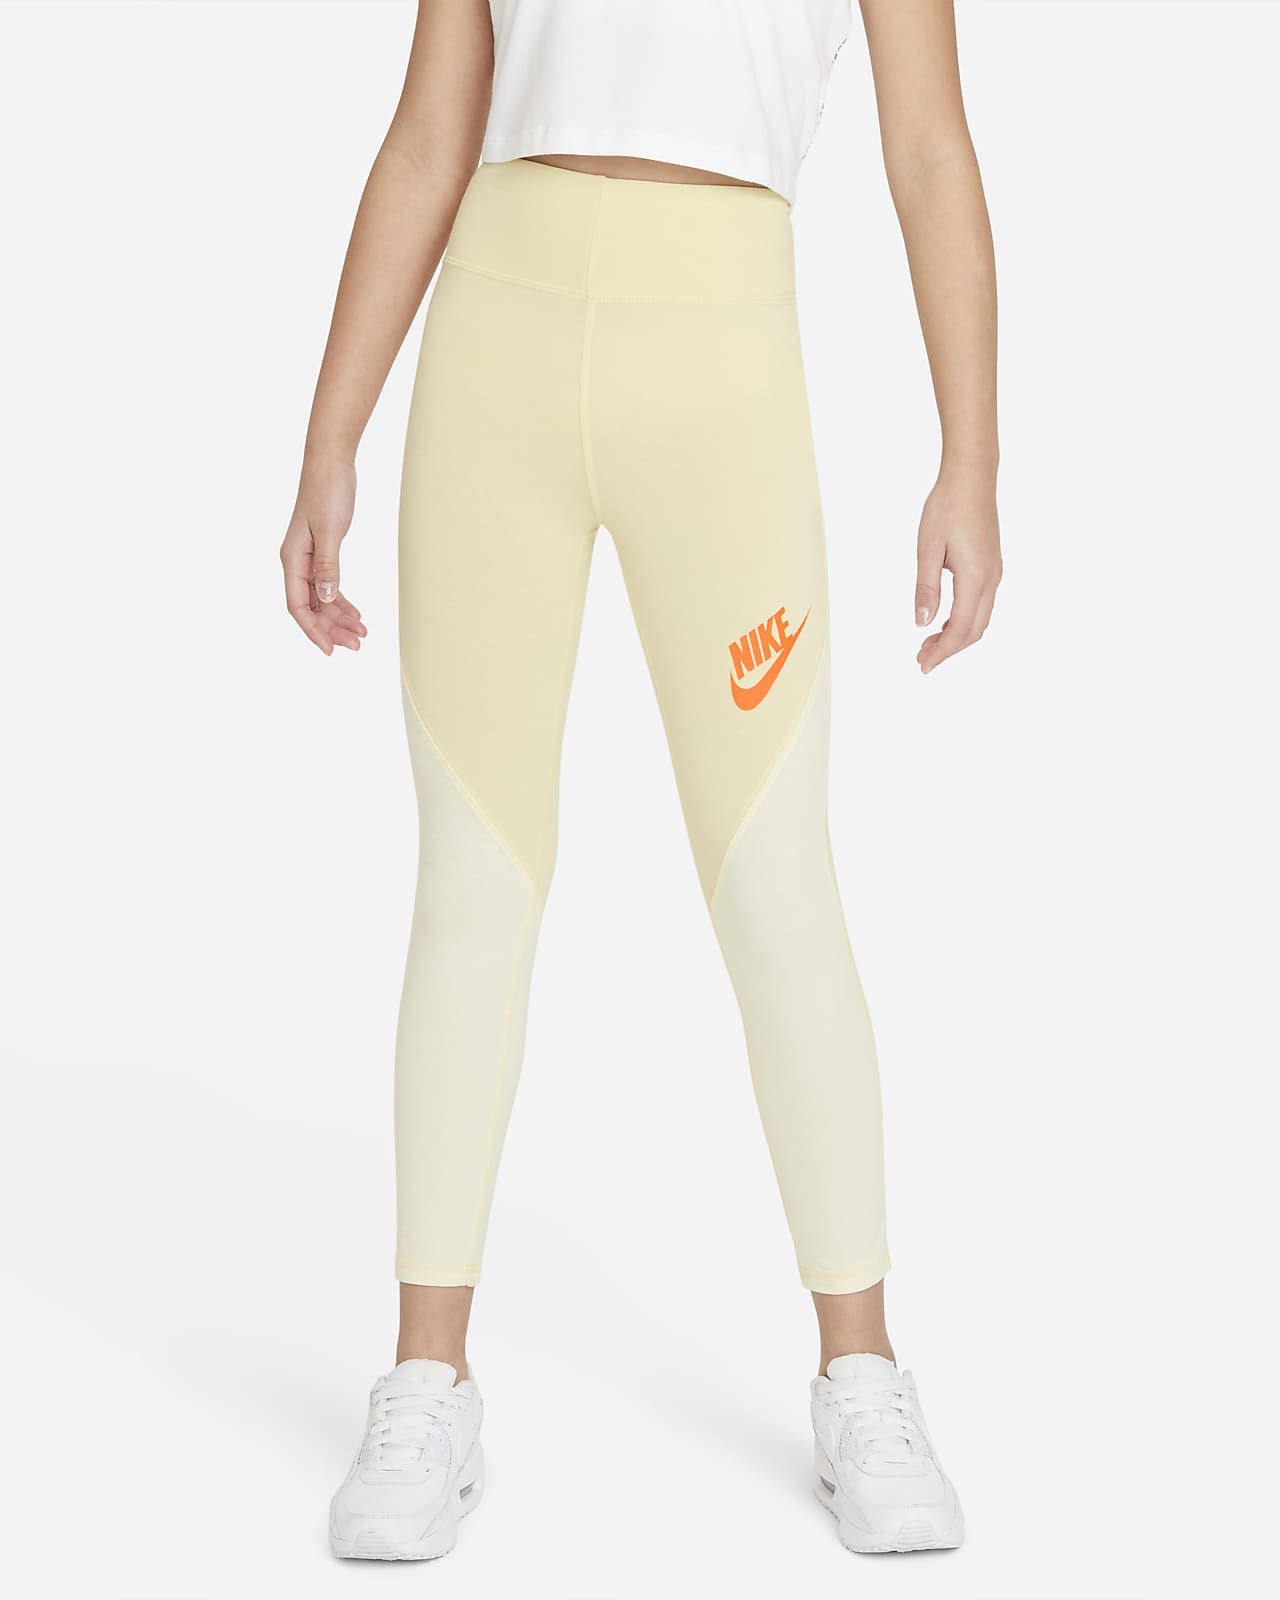 Nike Sportswear Favorites Yüksek Belli Genç Çocuk (Kız) Taytı